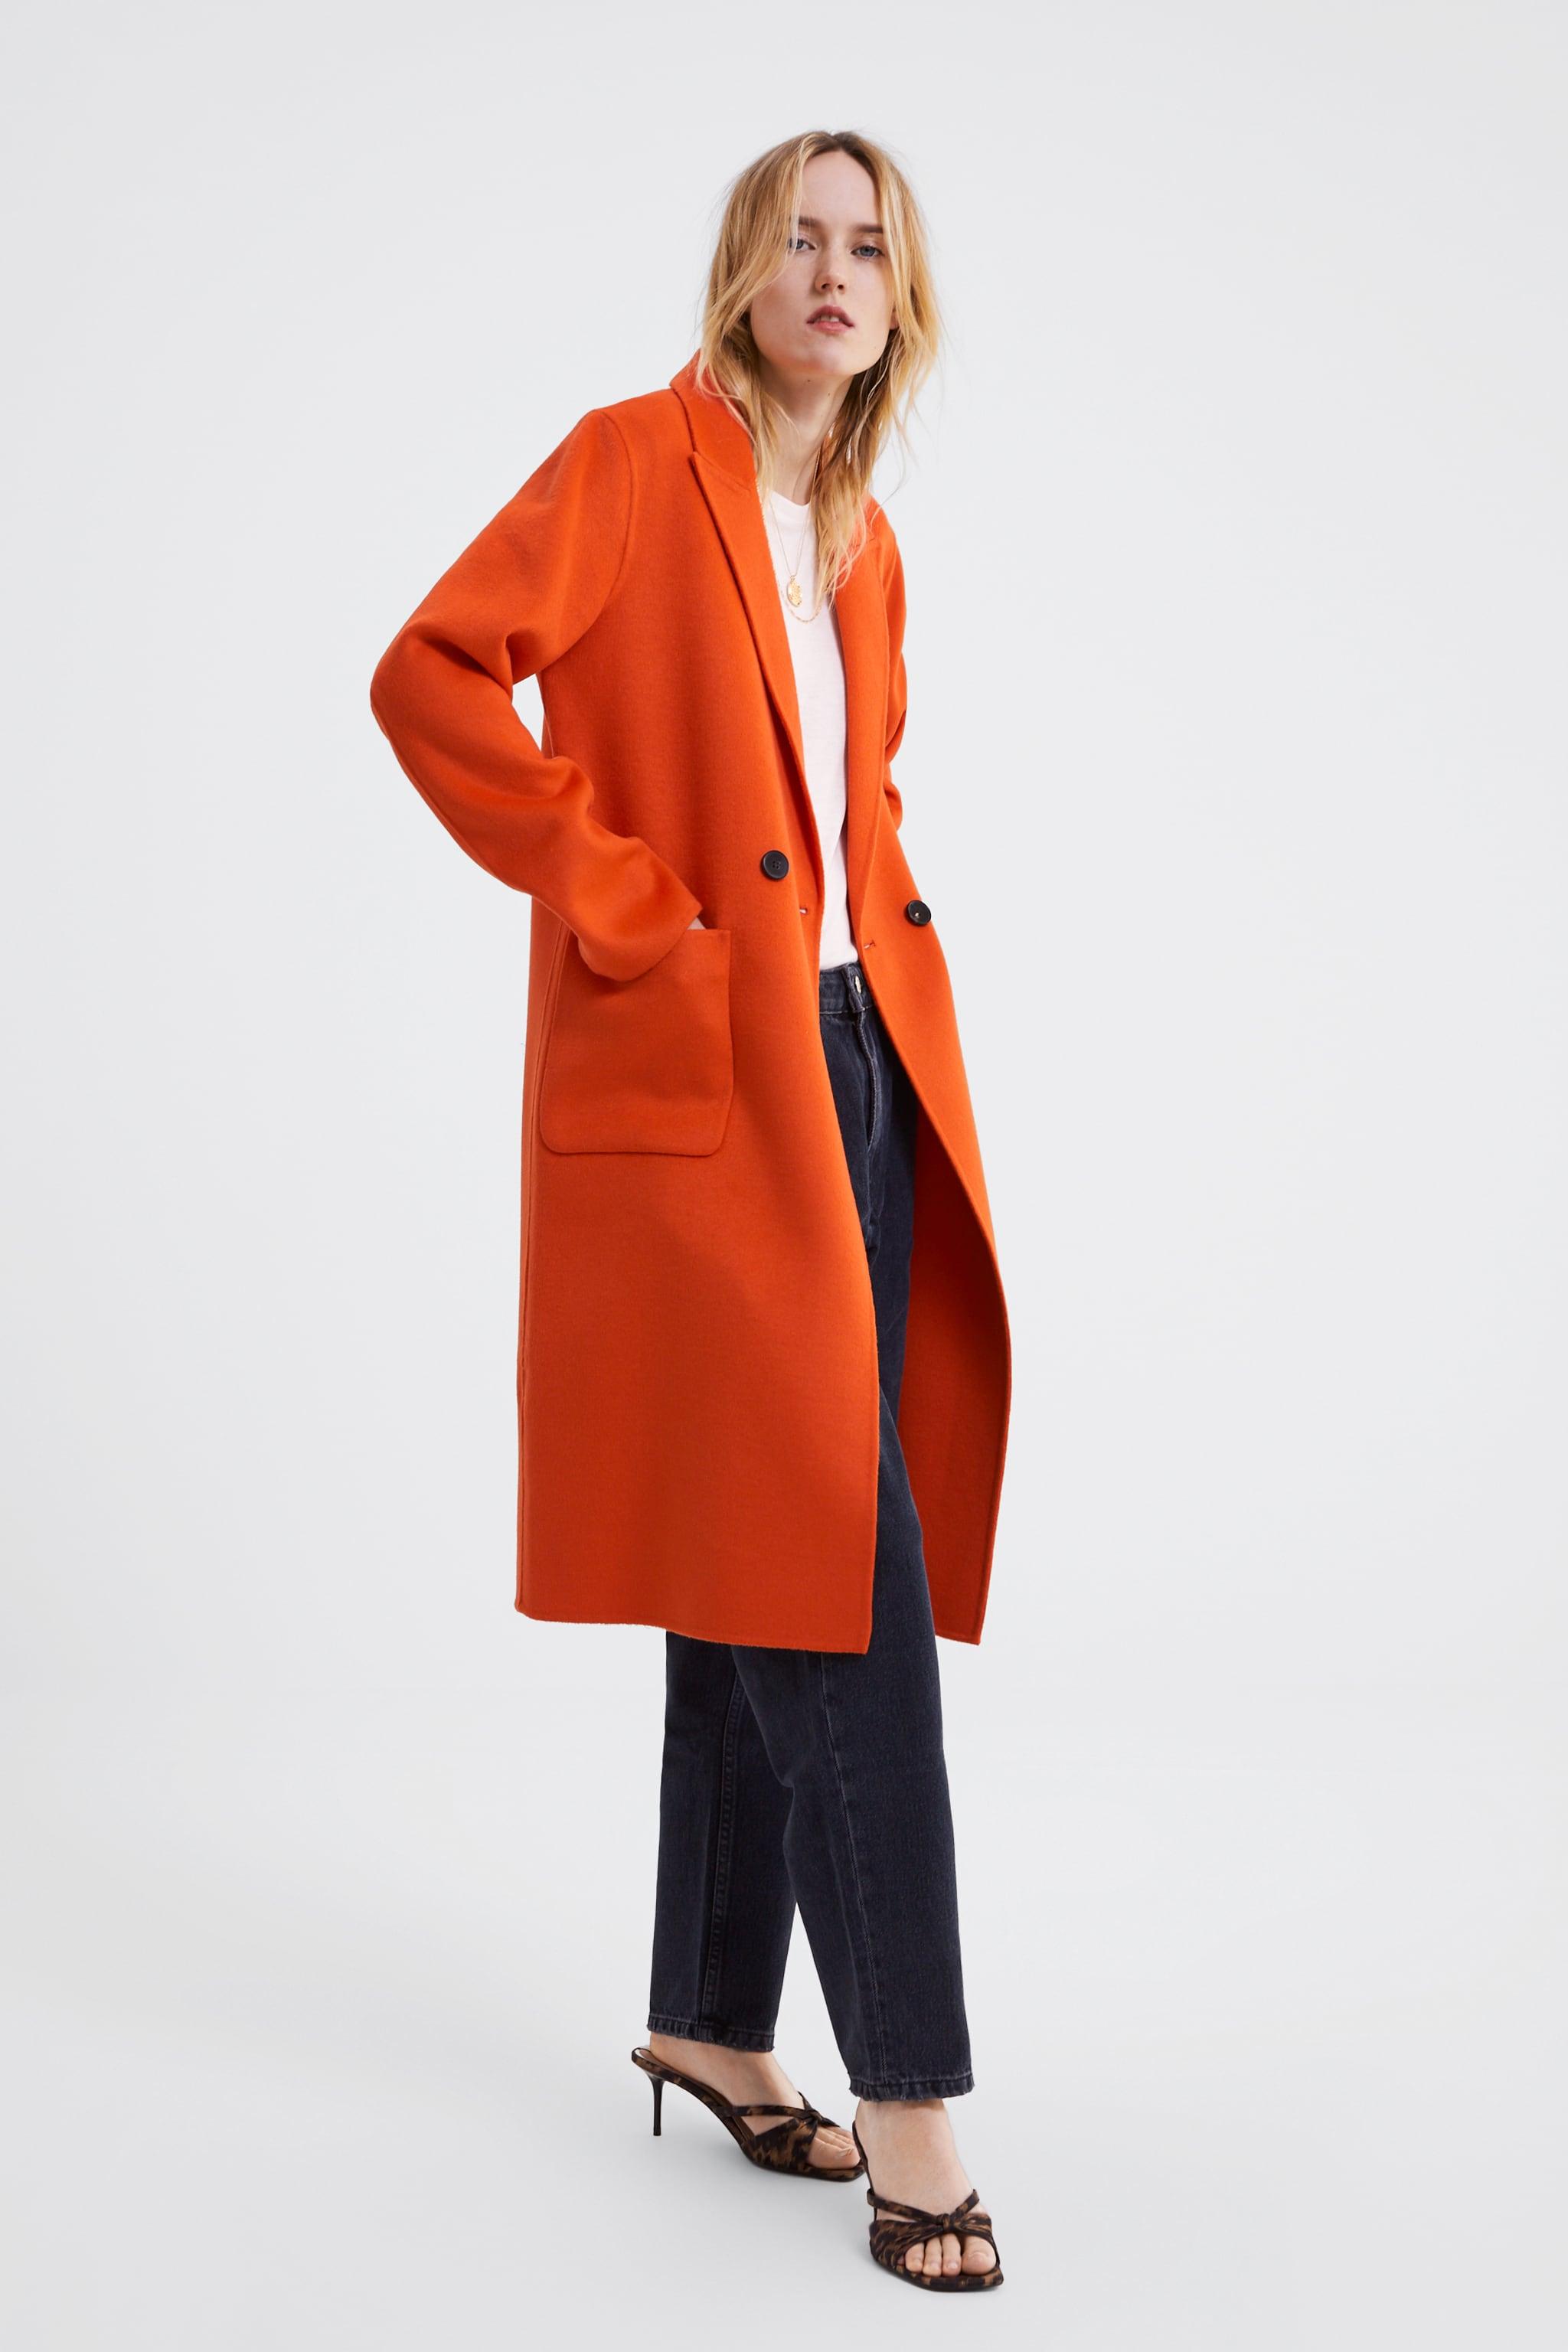 Zara FLUORESCENT MENSWEAR COAT